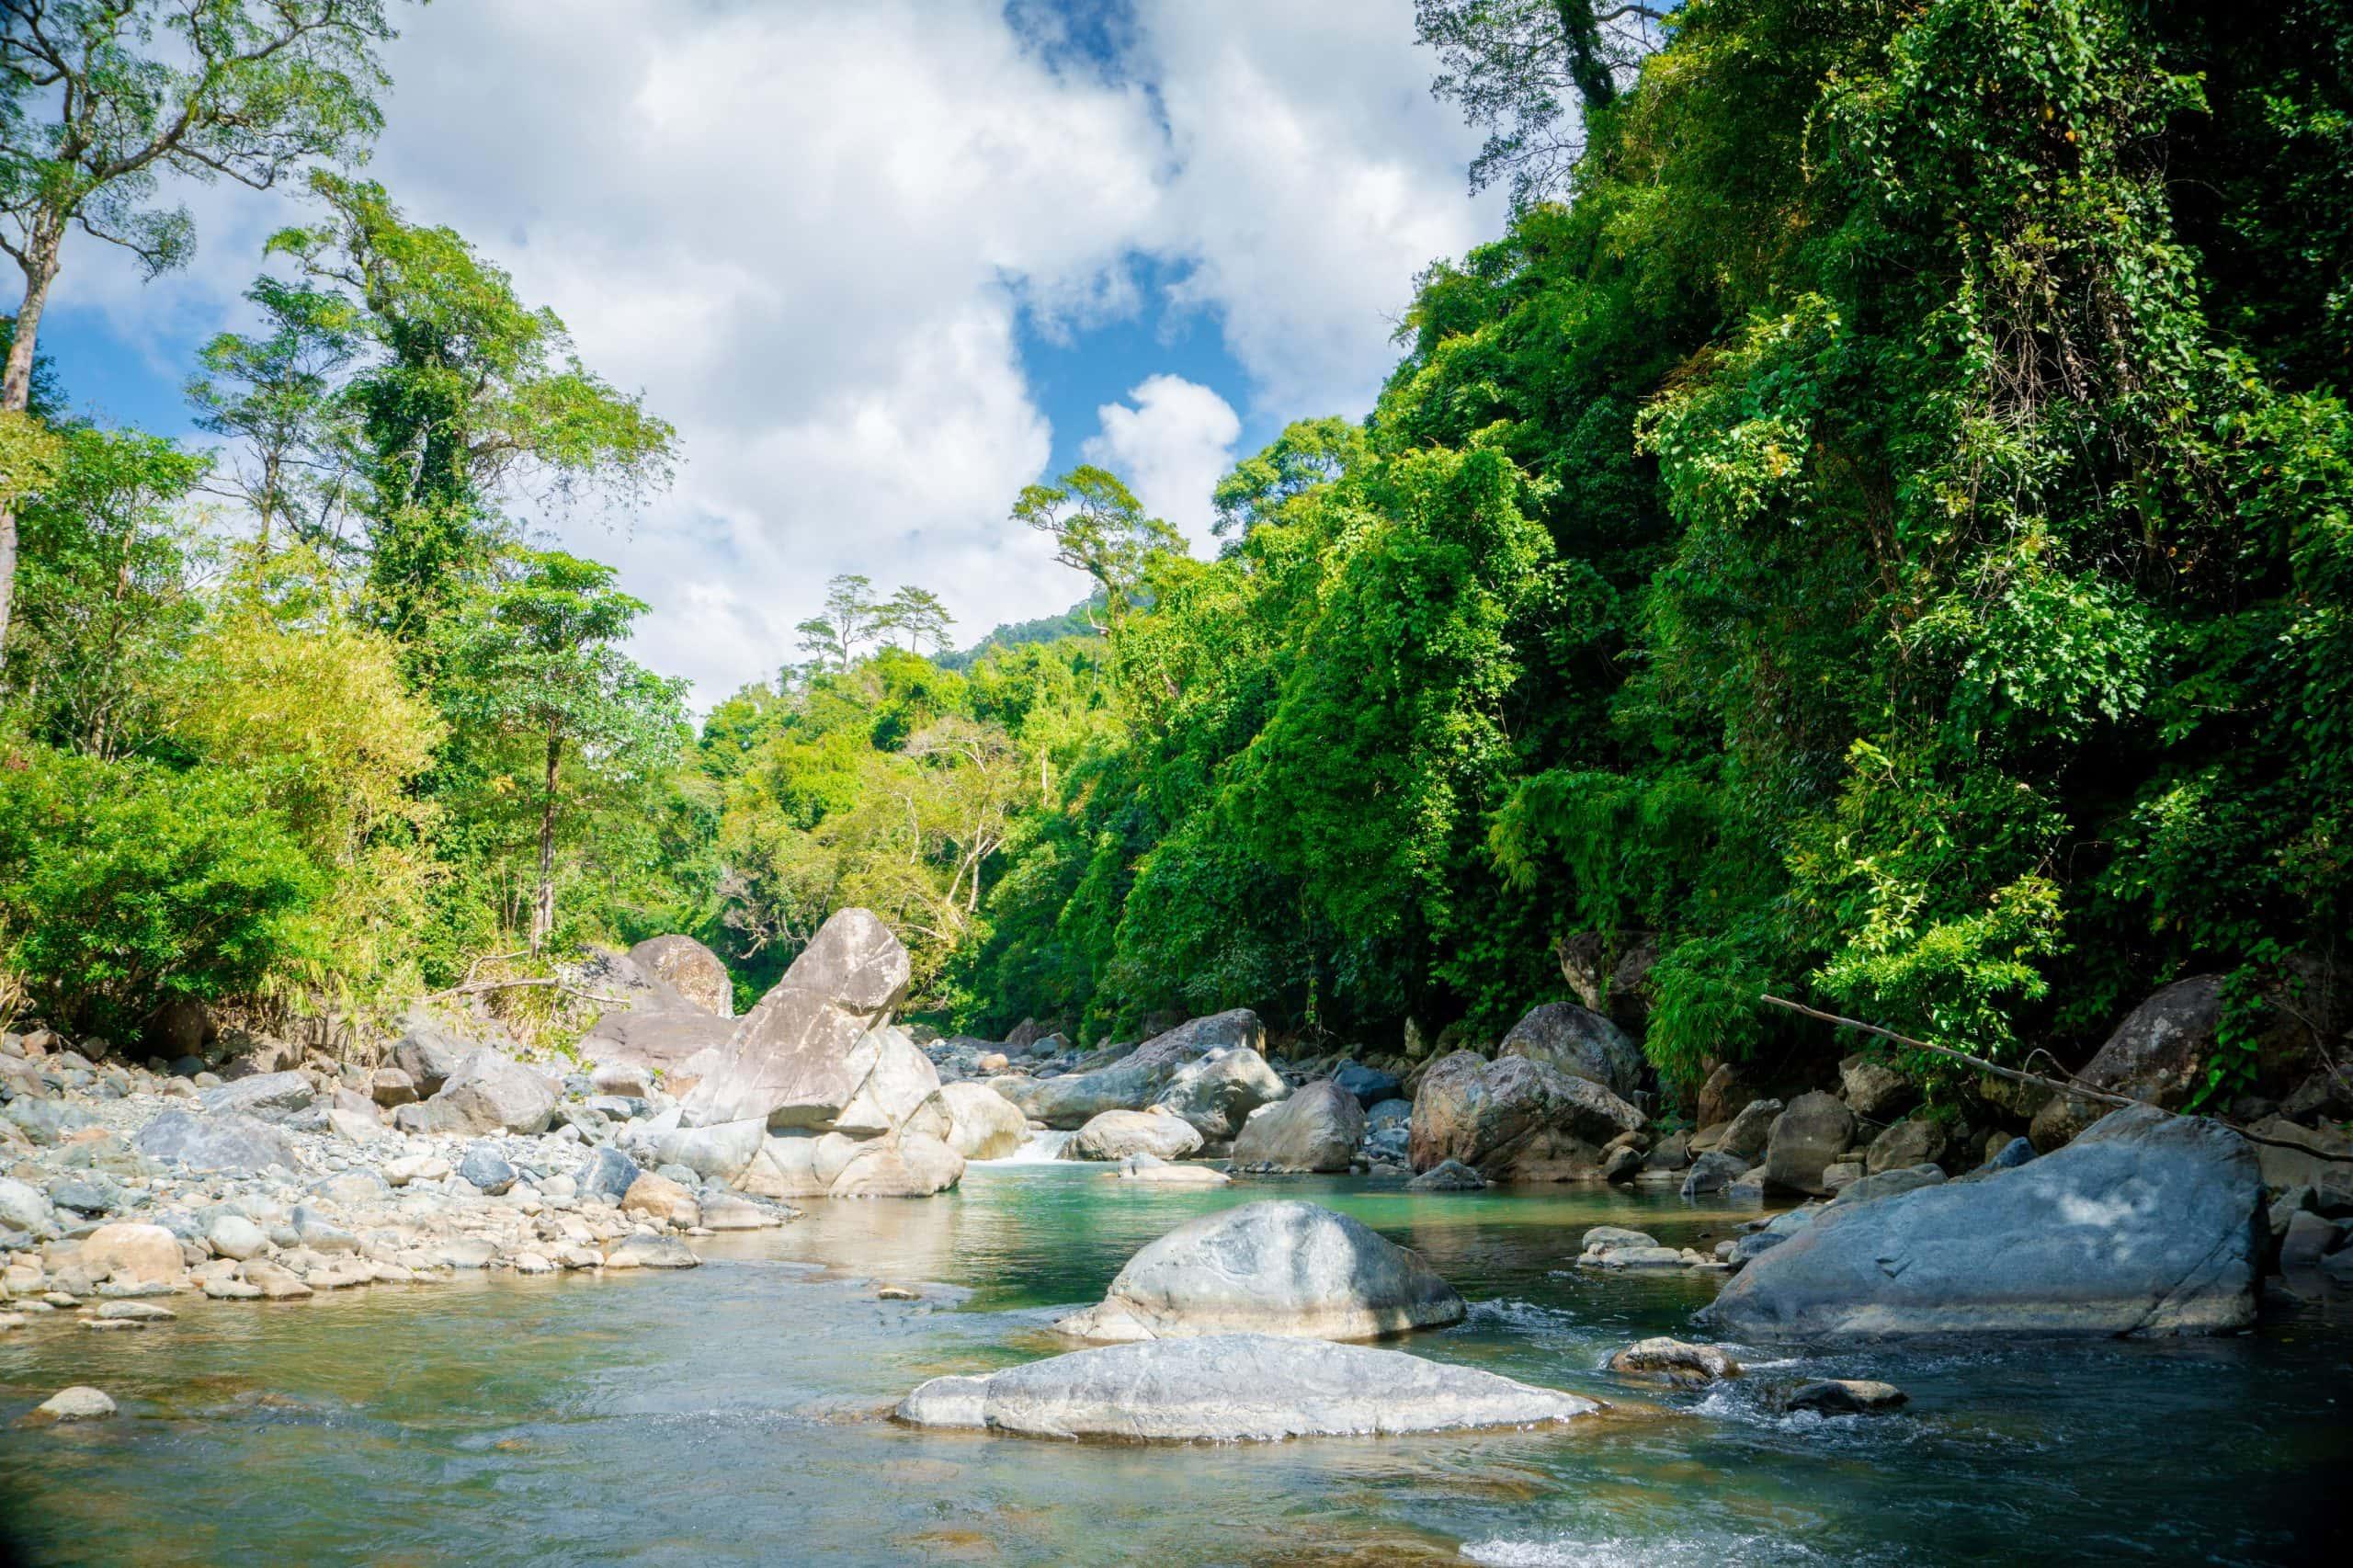 Con suối thơ mộng và xinh đẹp ở Ya Quin